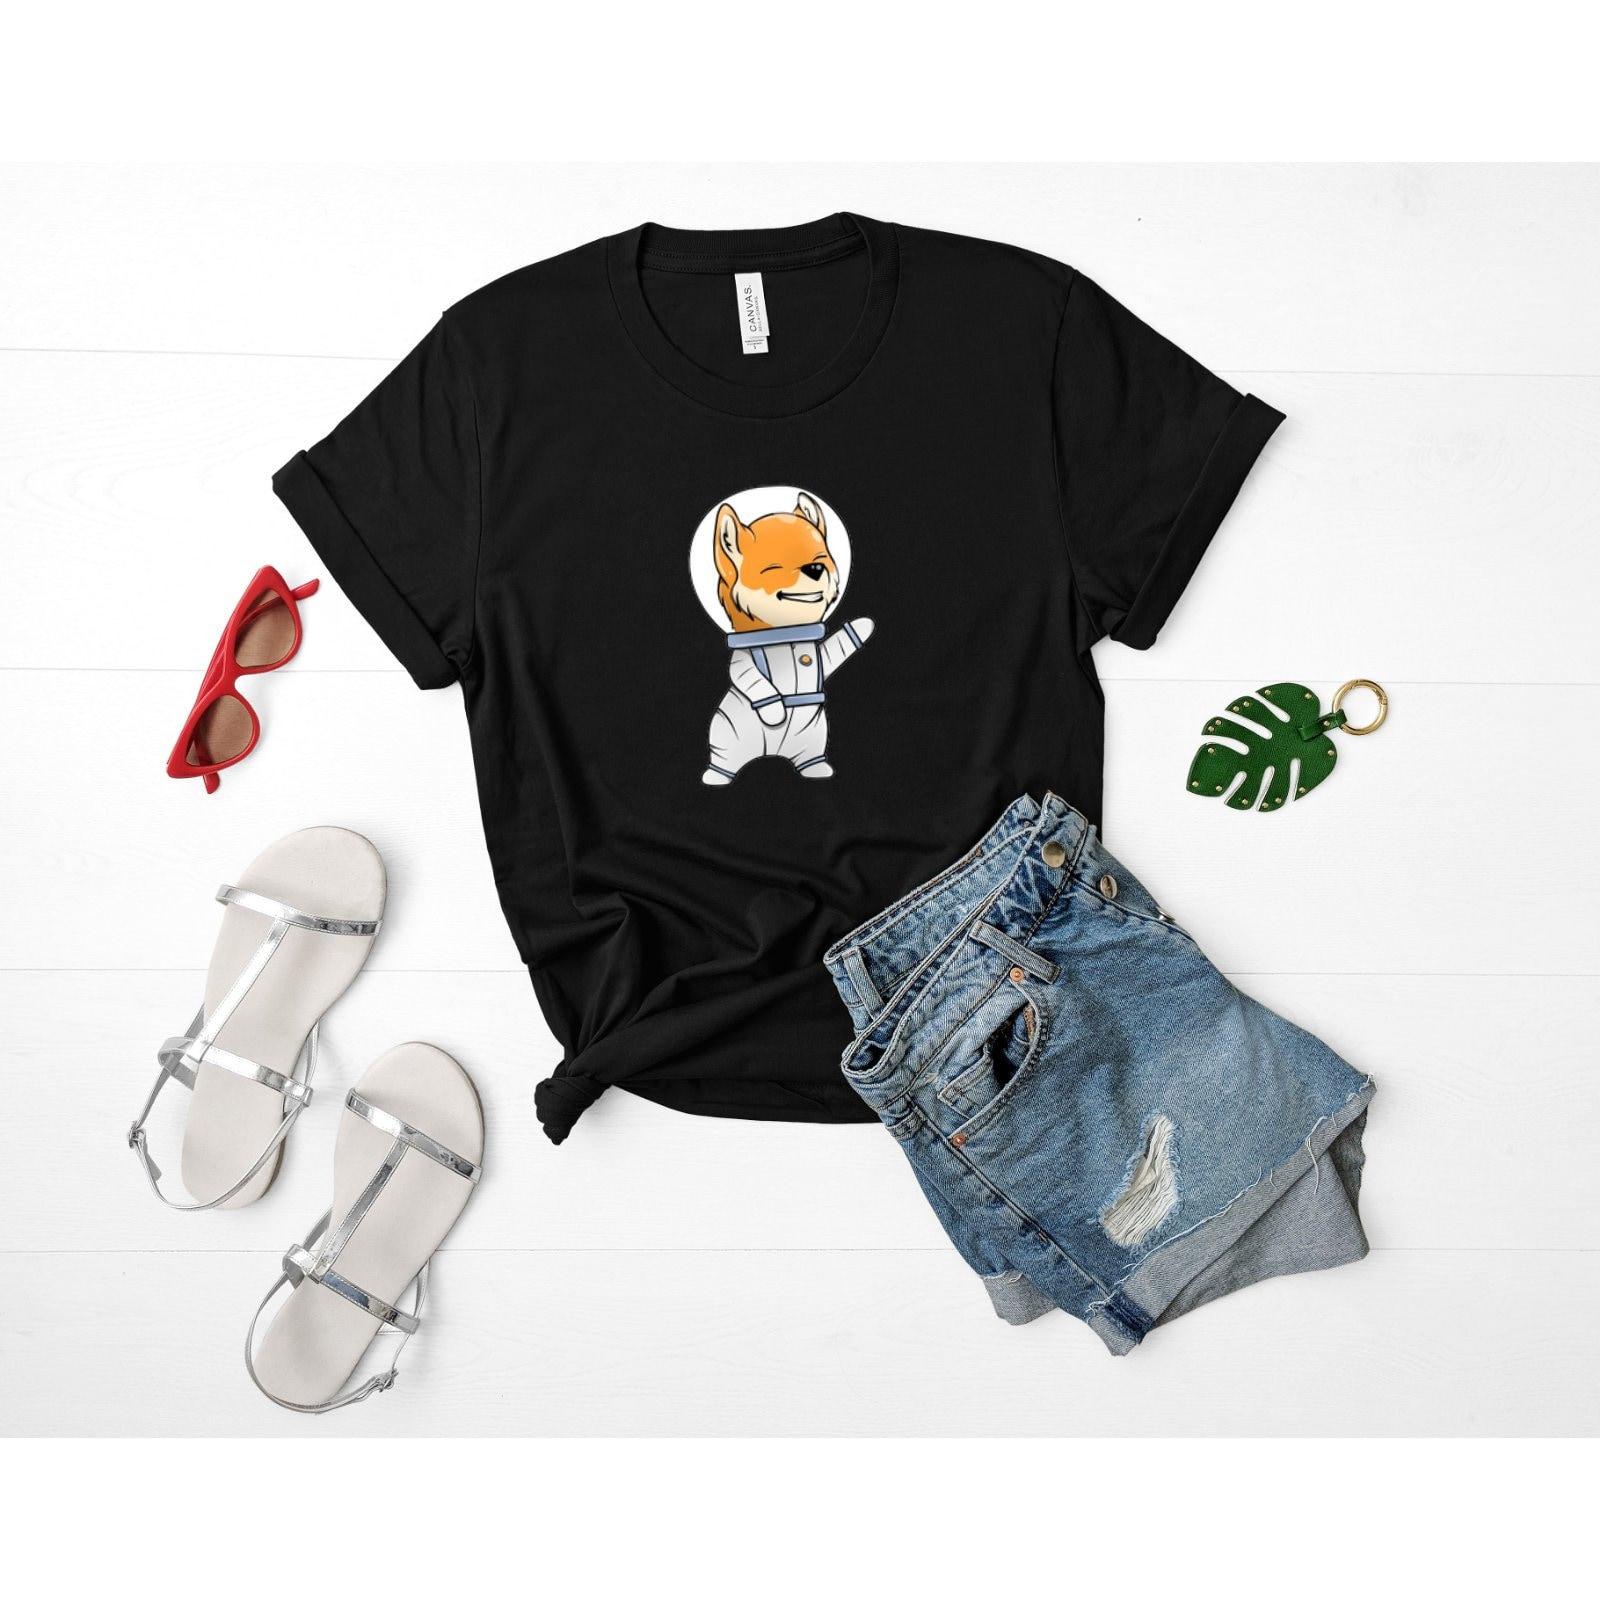 ASTRONAUTE Shiba Inu chemise astronaute, (unisexe), espace chien astronaute, chemise astronaute T-Shirt, espace Shiba Inu Art, les amateurs d'espace, l'astronaute chemises ea6507